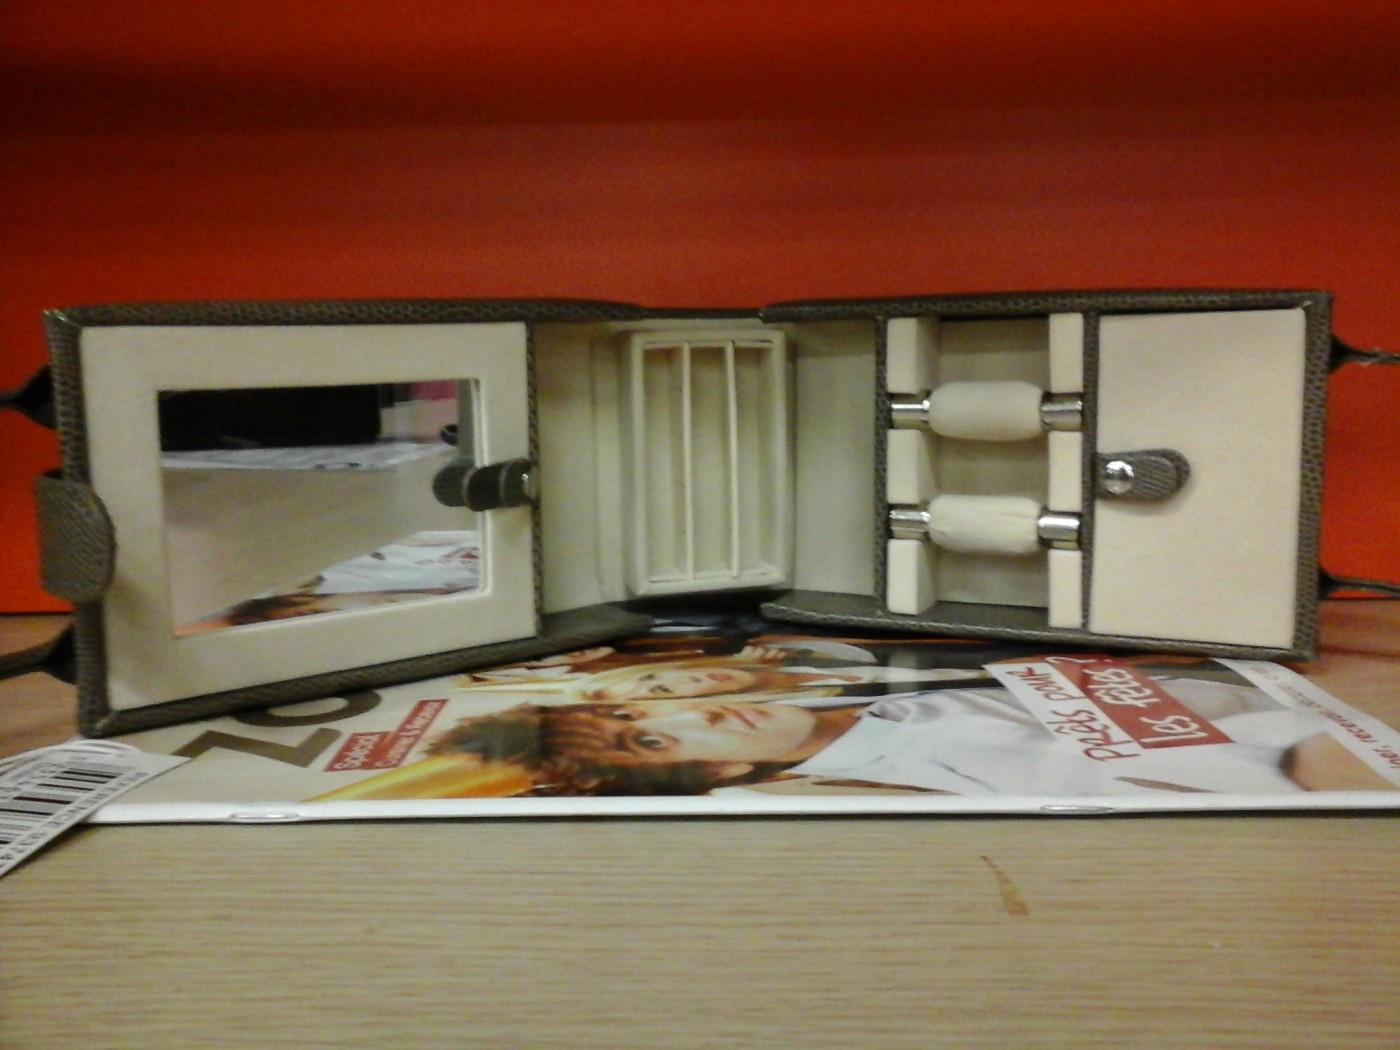 une id e cadeau pour ma grand m re blog z dio. Black Bedroom Furniture Sets. Home Design Ideas